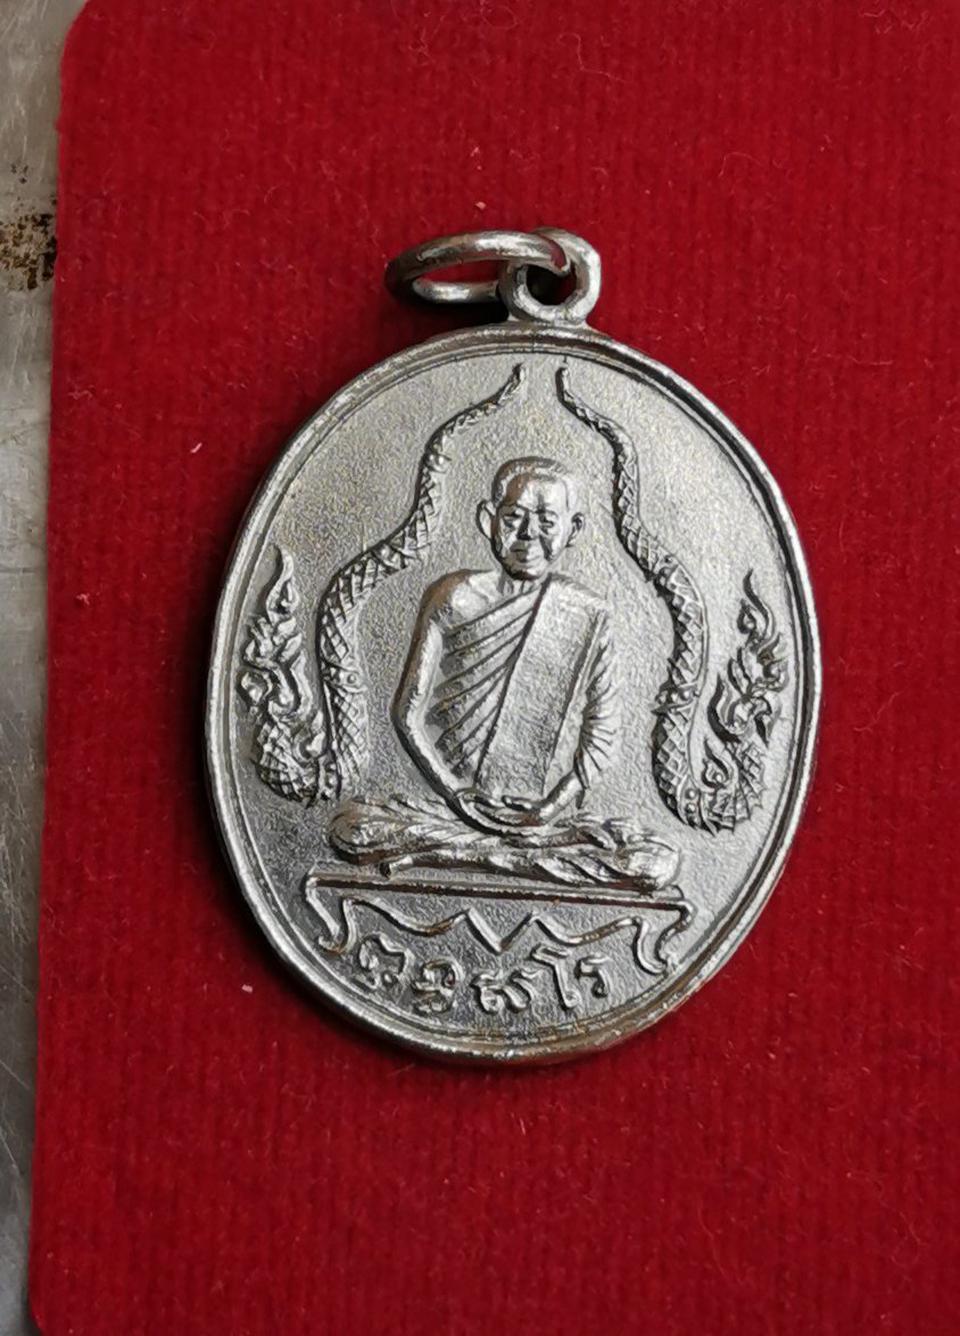 733 เหรียญนาคคู่หลวงพ่อพร วัดดอนเมือง ปี 2514 กทม  เนื้อกะไหล่เงิน  รูปที่ 2